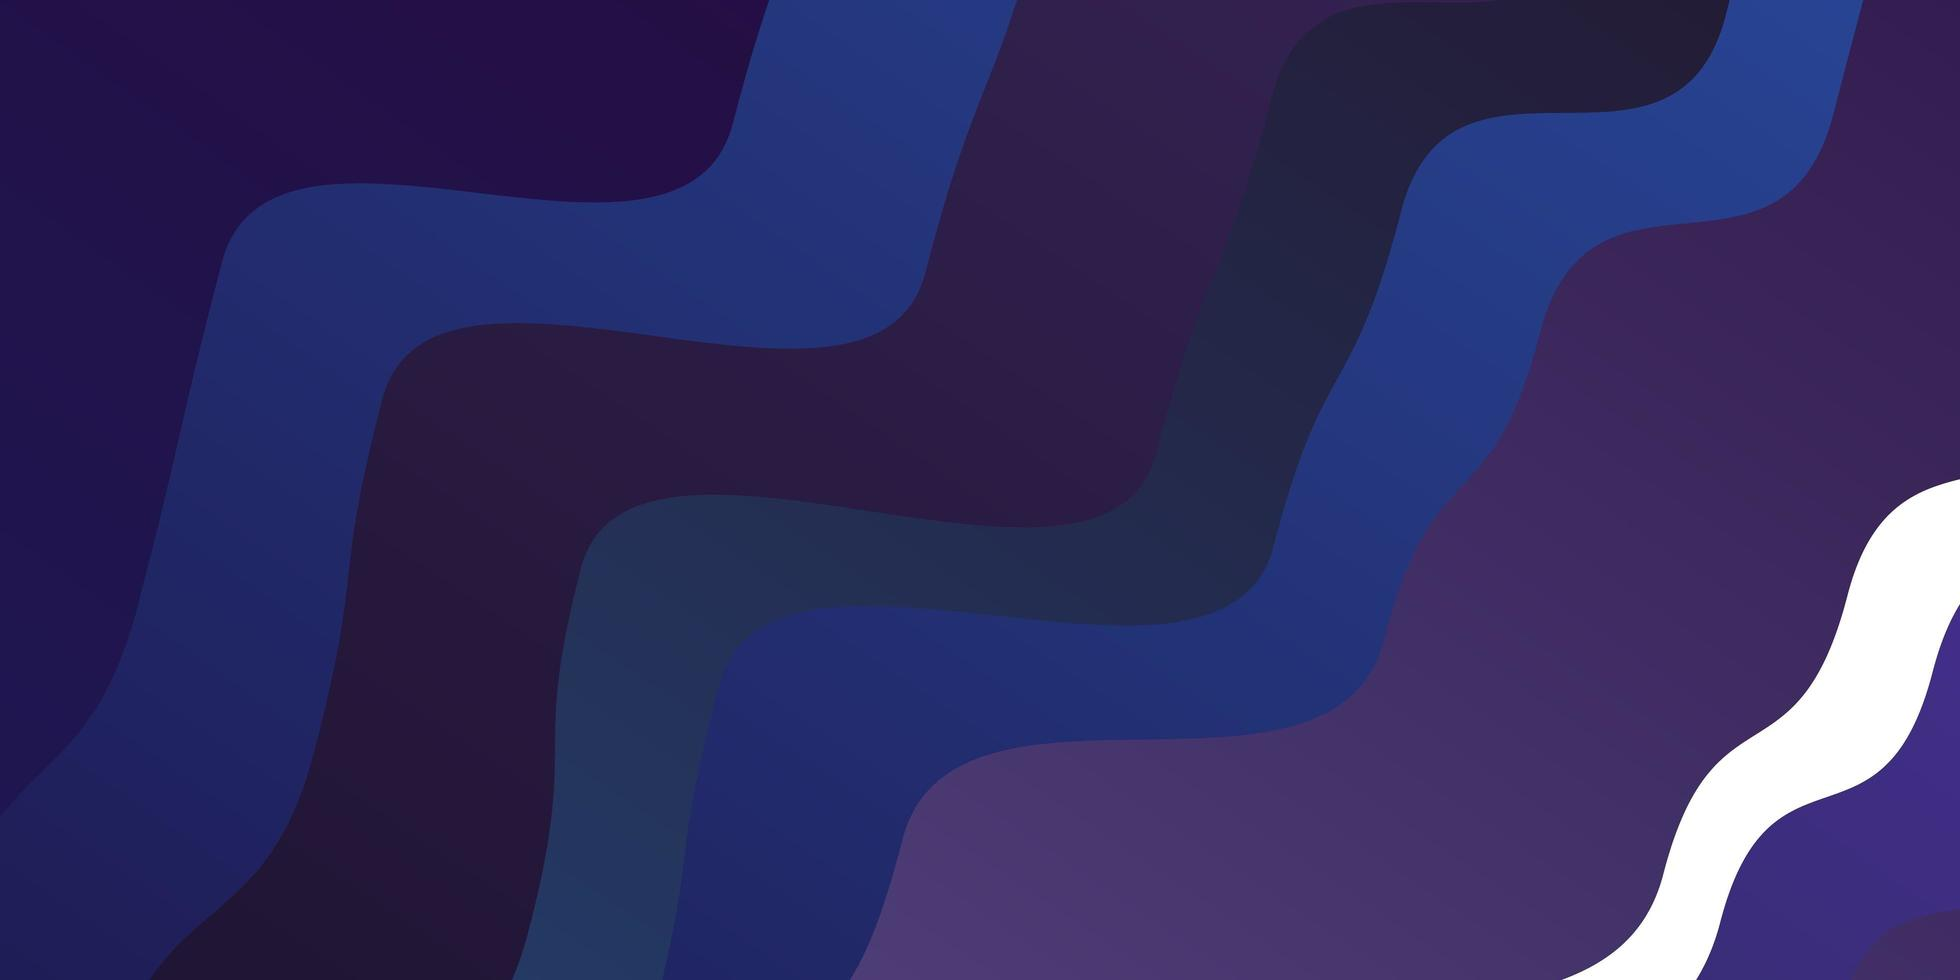 dunkelviolette Vektorschablone mit Kurven. vektor